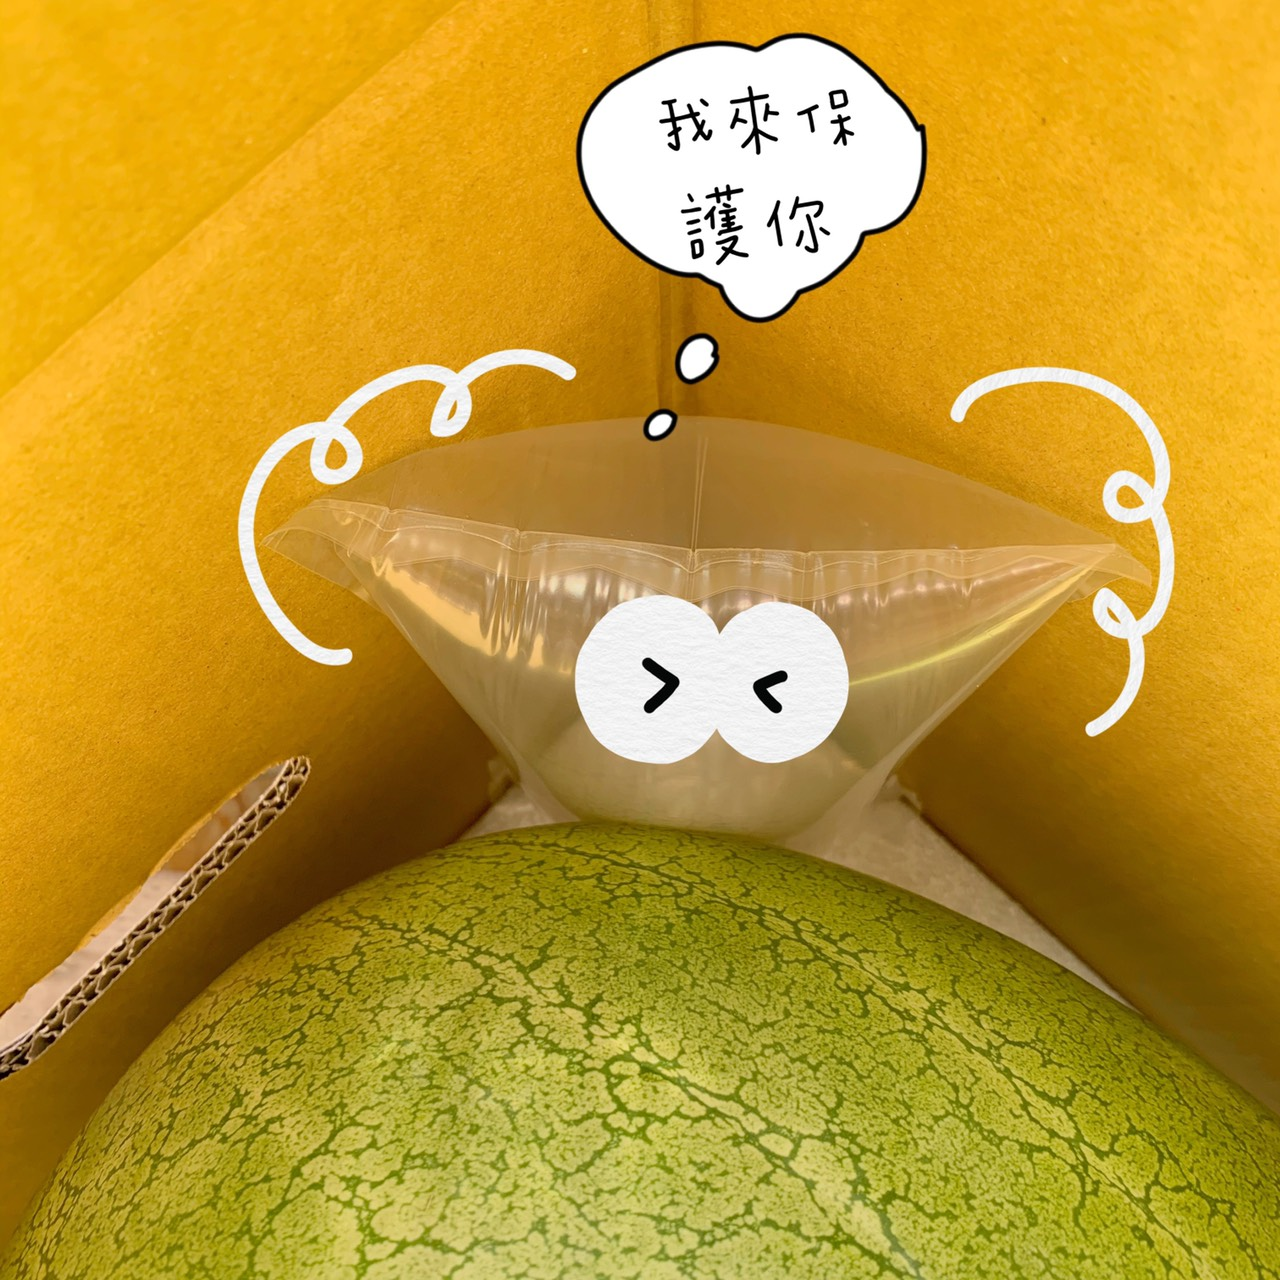 [花蓮西瓜推薦] 花蓮鳳林豪美好西瓜-  美味就在這時候!! 精選20%預訂宅配 包裝好看又安全  恐龍蛋西瓜